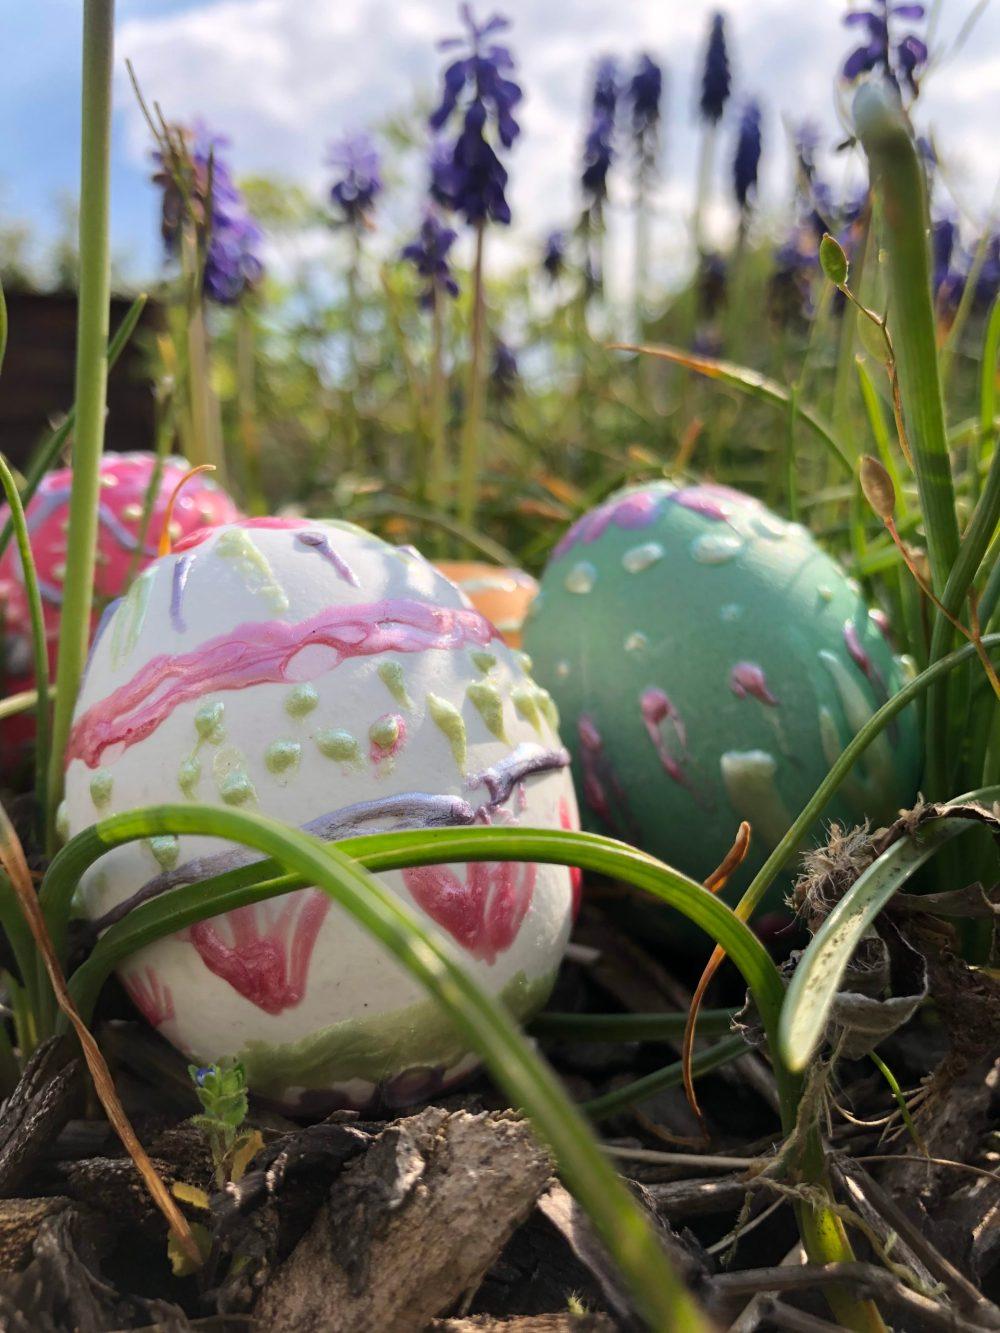 Frühlingshafte Ostereier im Grass mit Traupenhyazinthen im Hintergrund